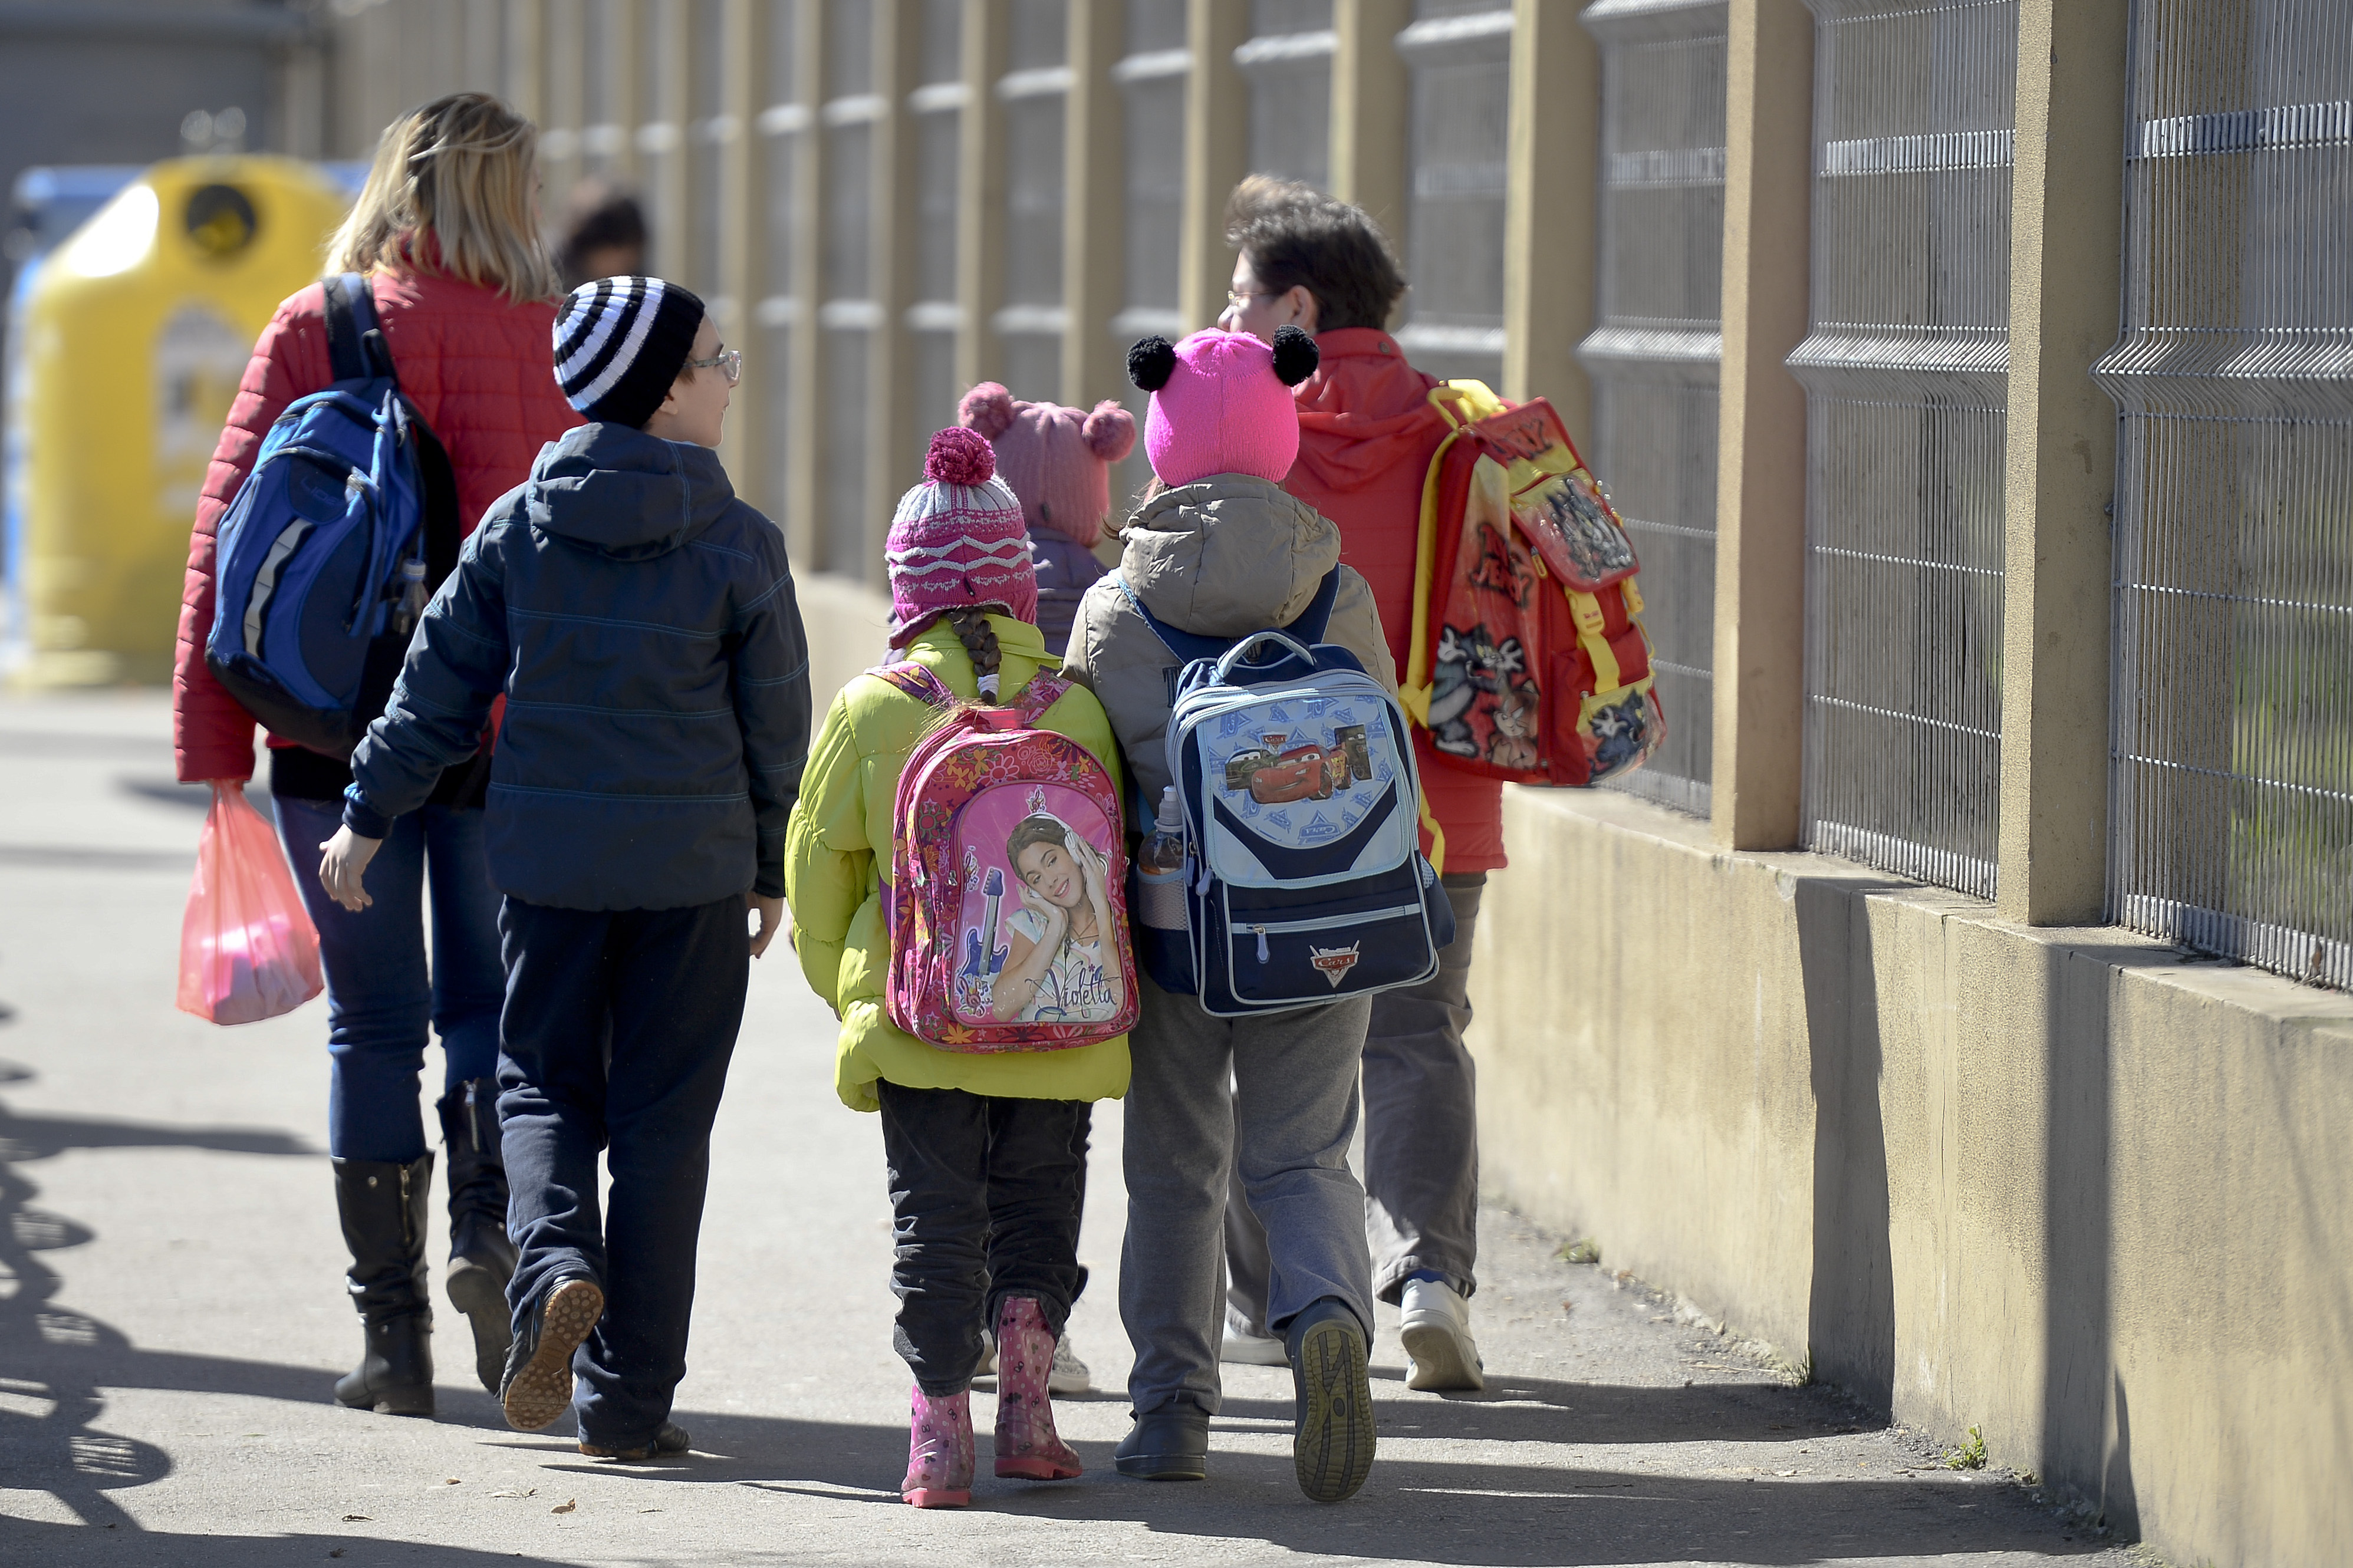 Elevii din clasele primare şi preşcolarii revin, luni, la cursuri, după vacanţa de o săptămână